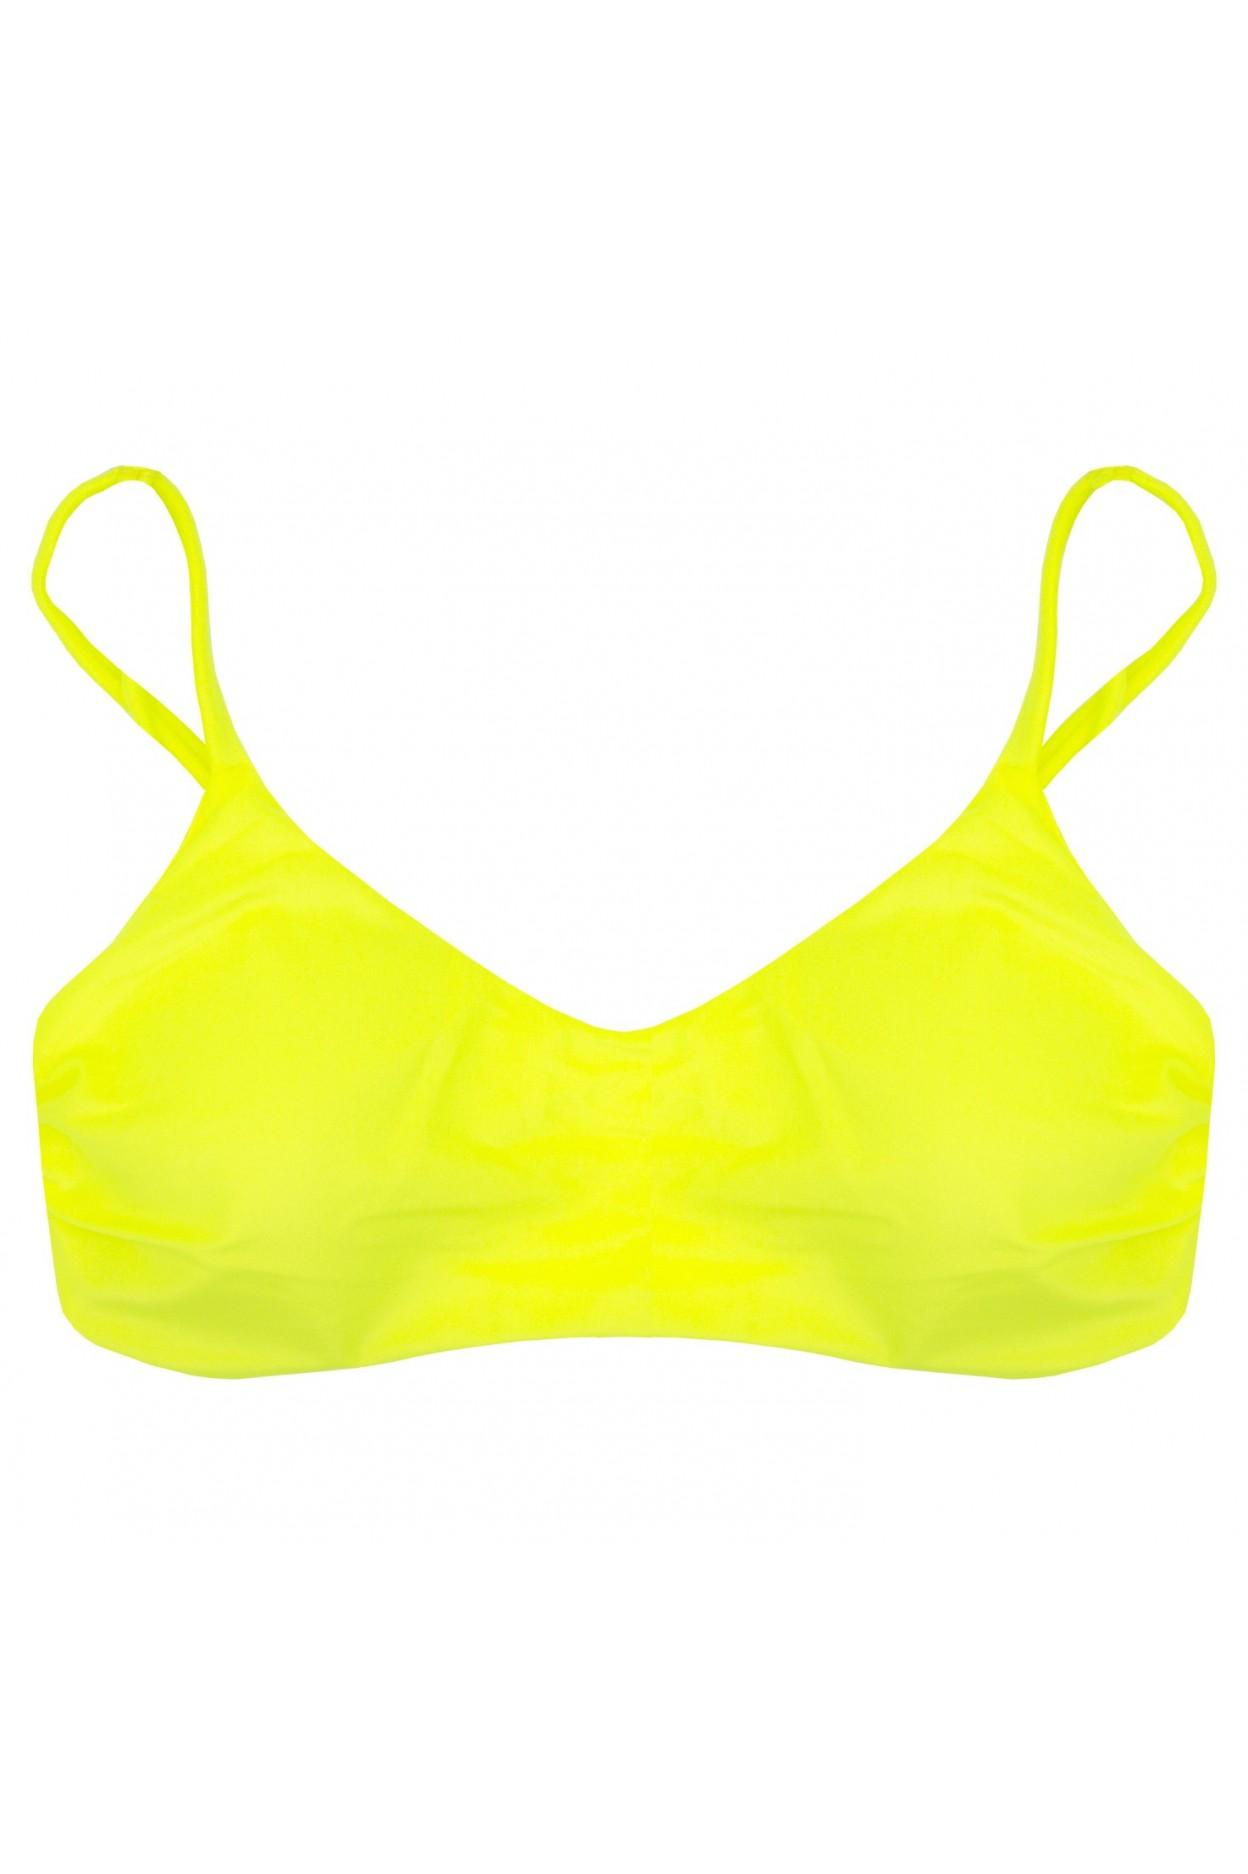 rodi fluo brassiere costume donna giallo